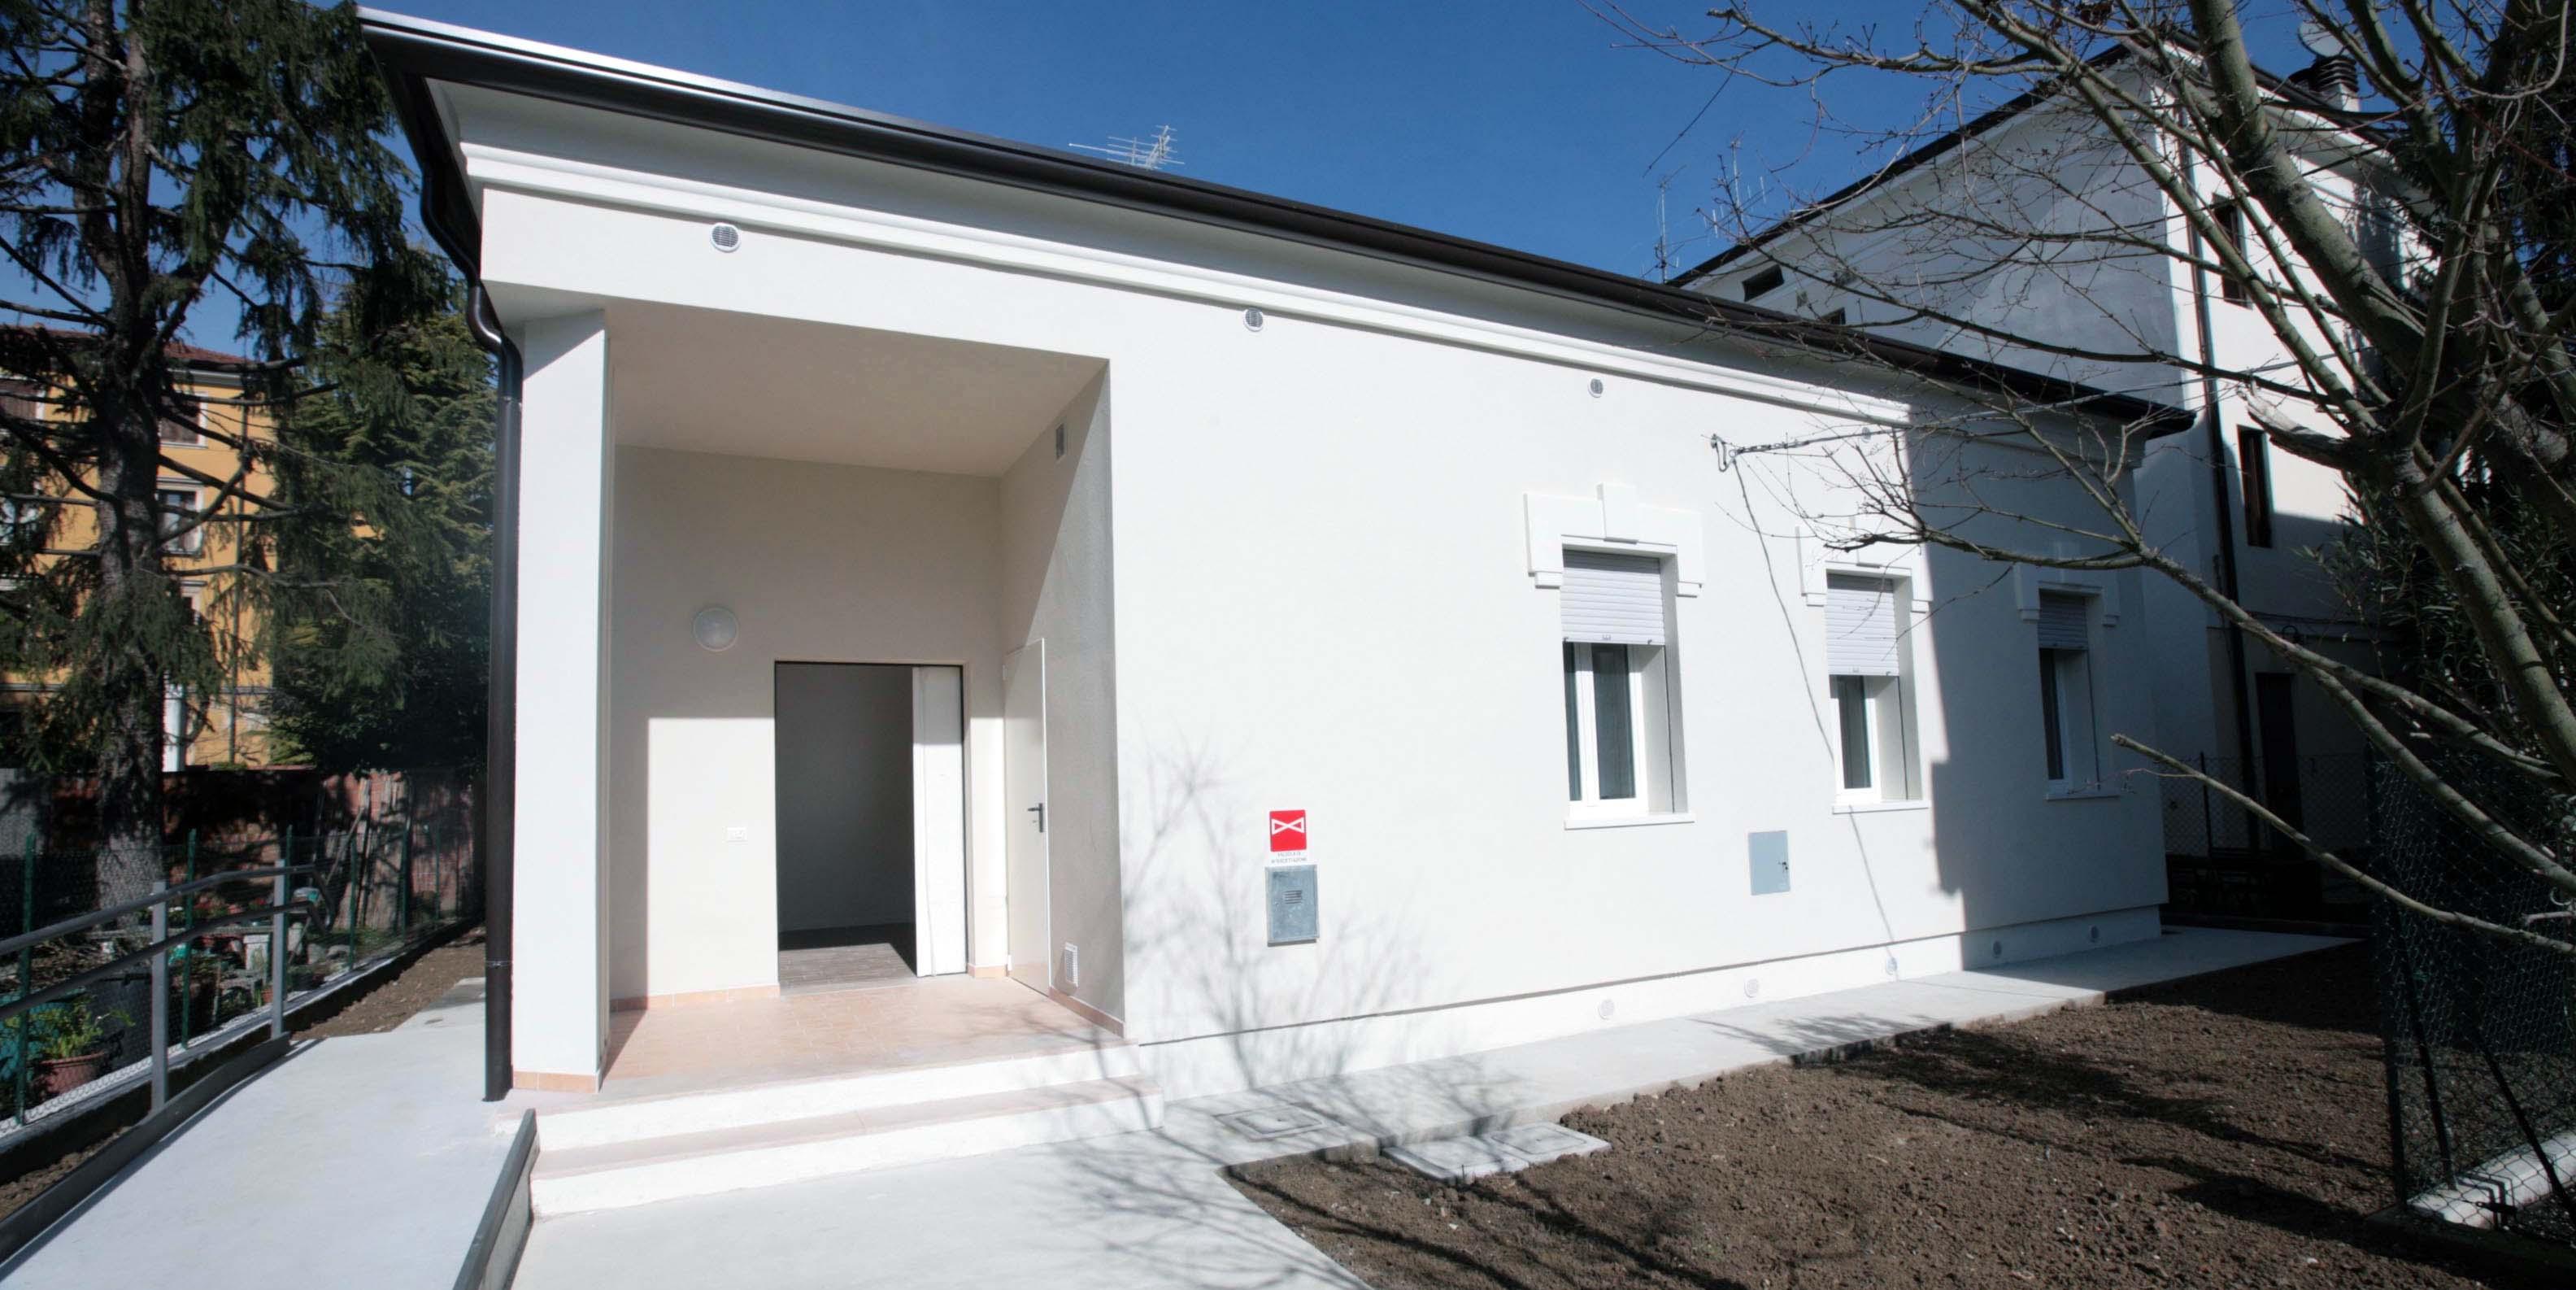 Casa padri separati vi vicenzareport notizie cronaca for Case con alloggi separati